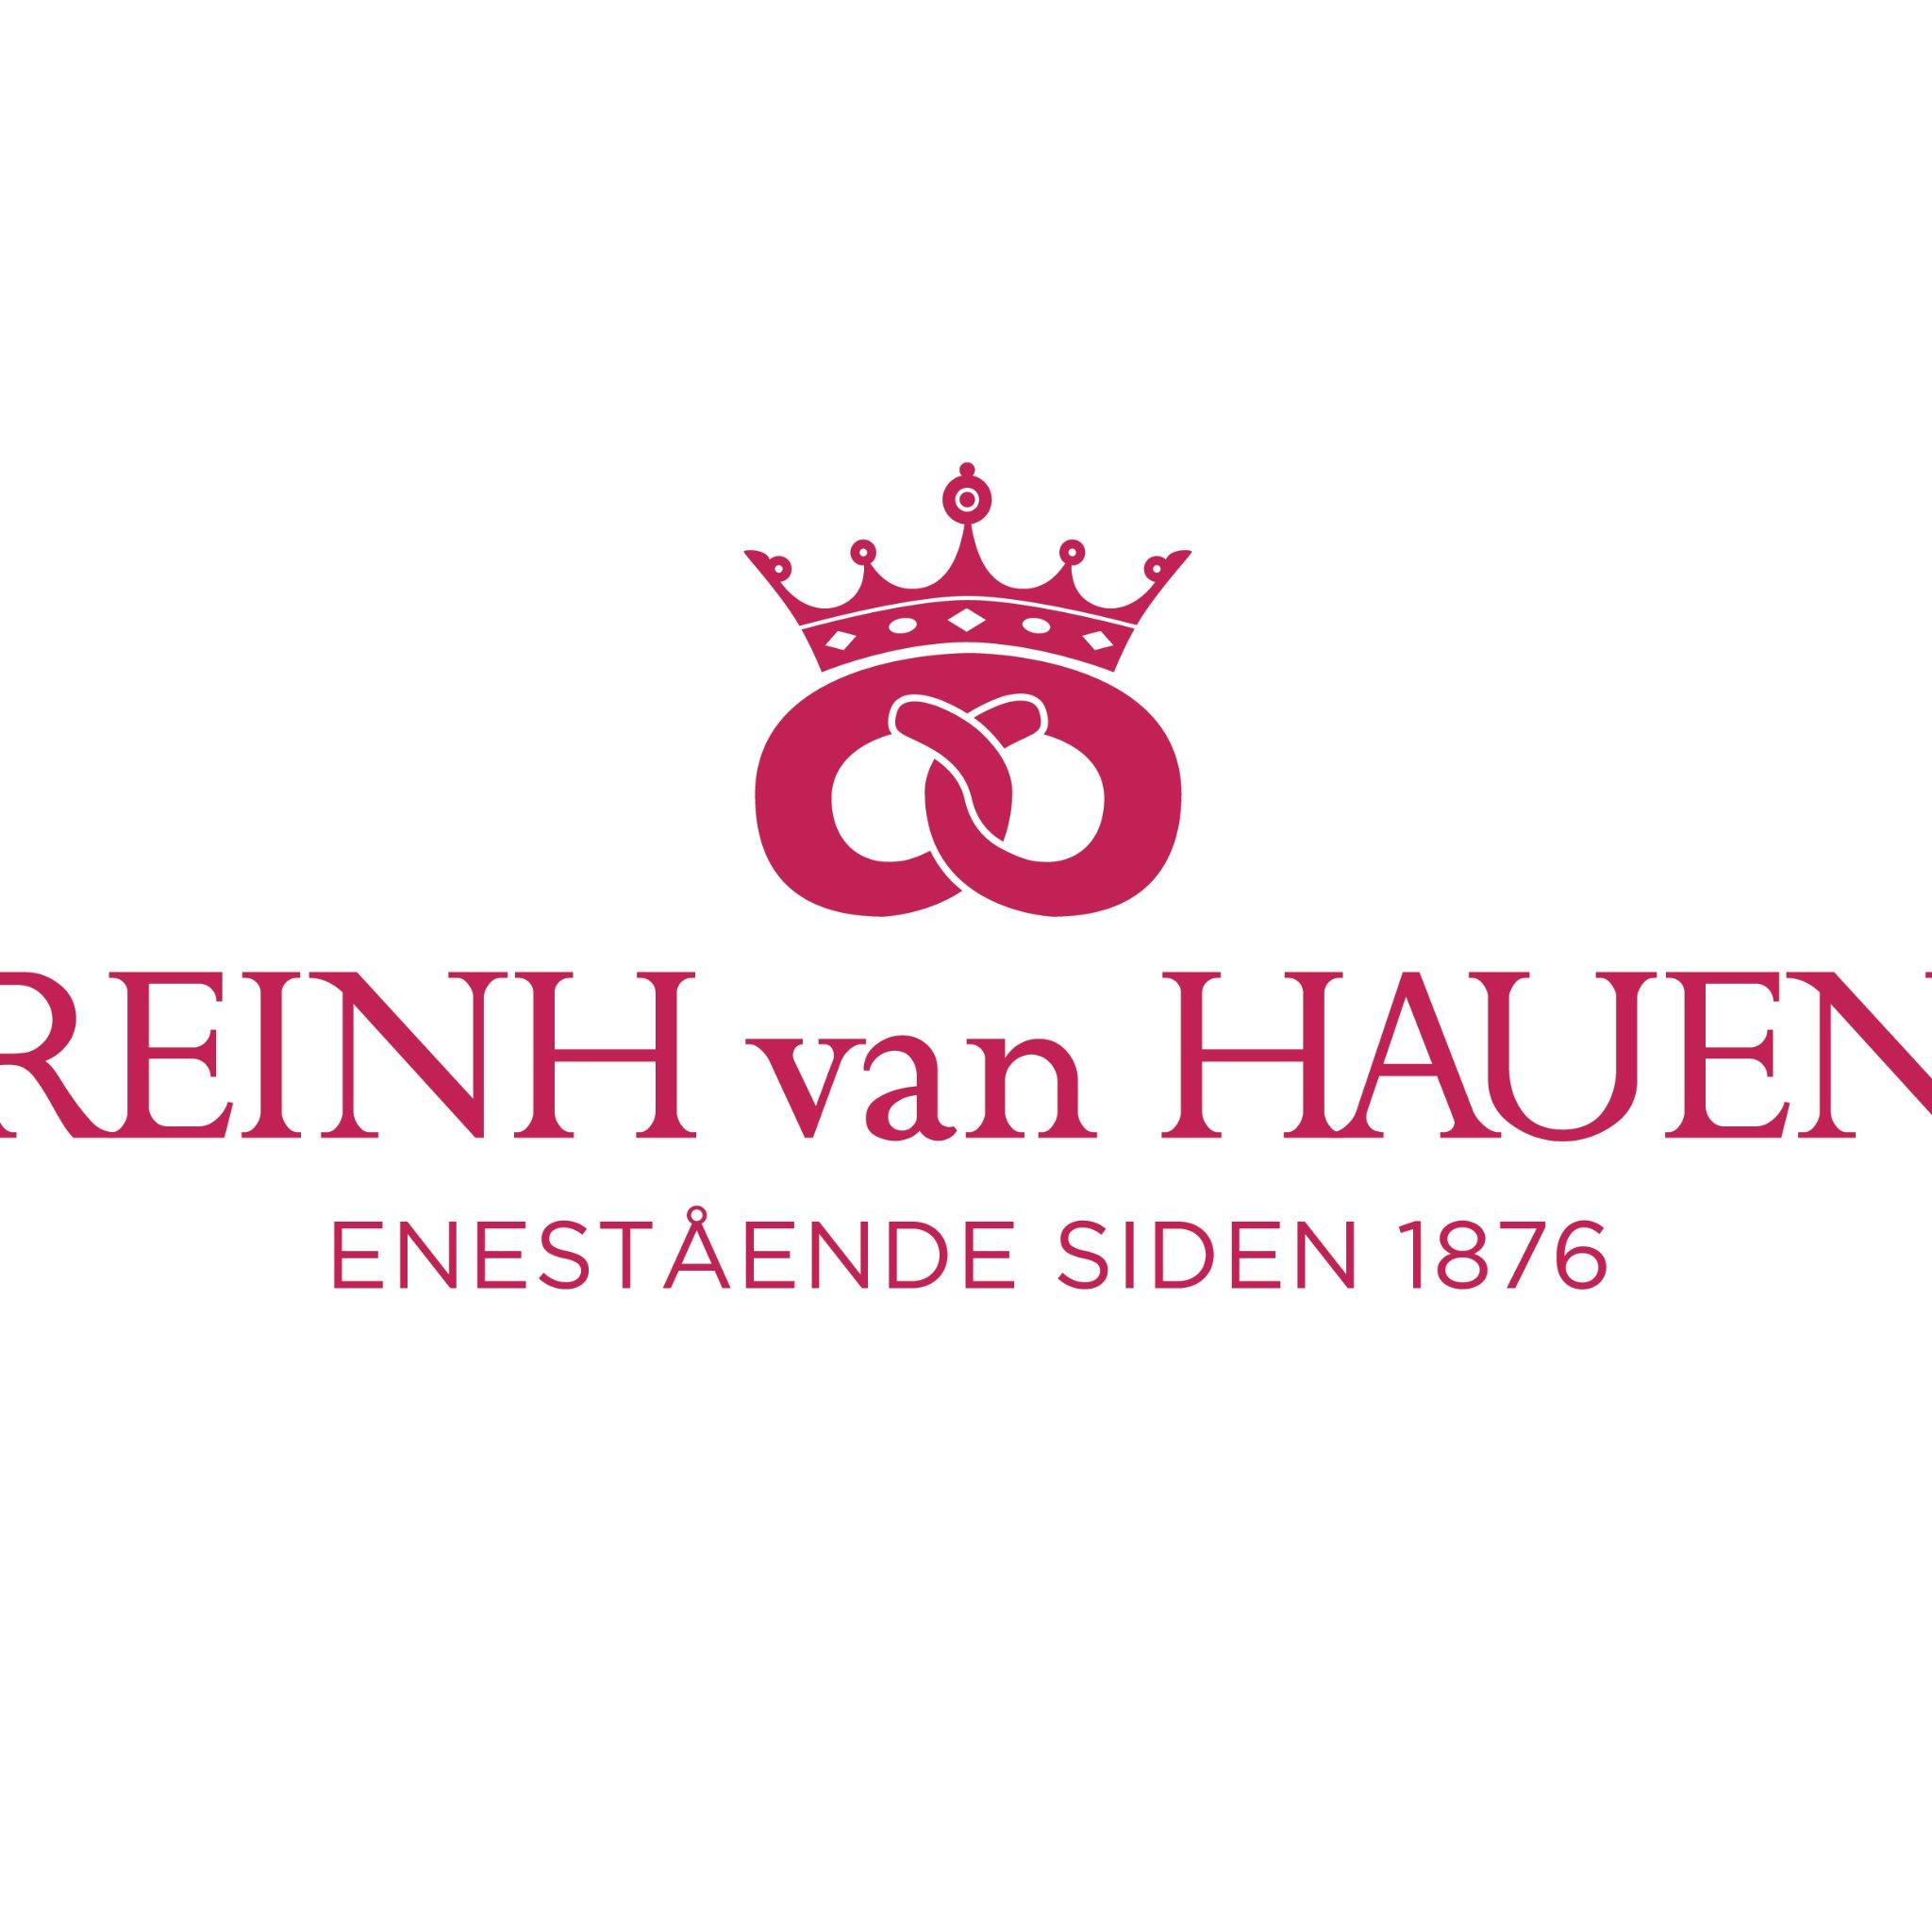 @ReinhvanHauen